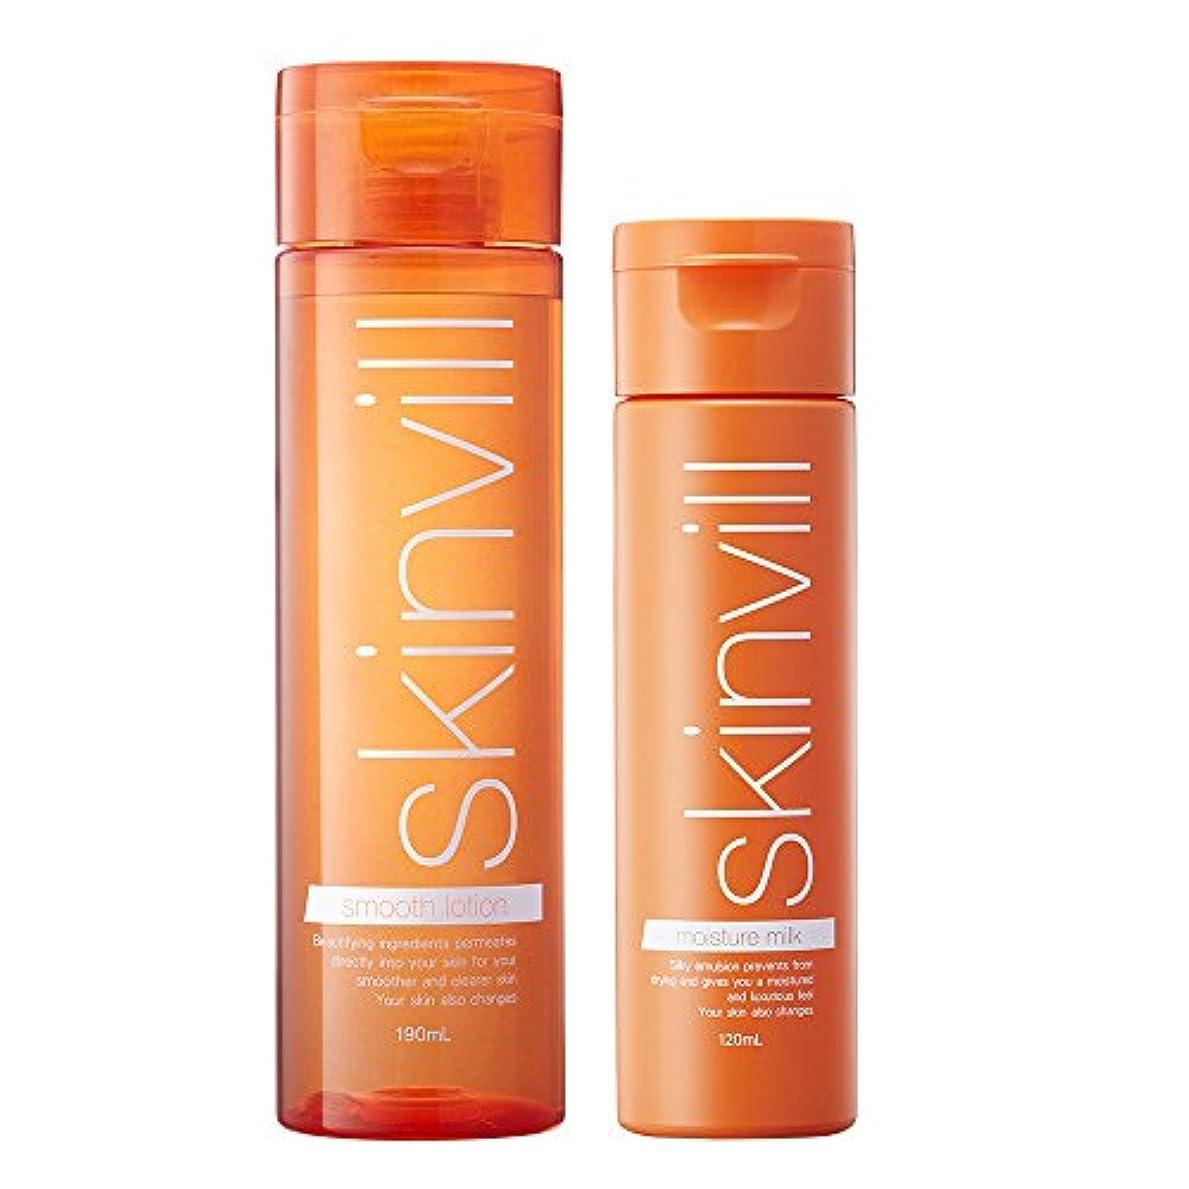 疑問に思う艦隊政治的【セット】 skinvill スキンビル スムースローション 化粧水 190ml & モイスチャーミルク 乳液 120ml